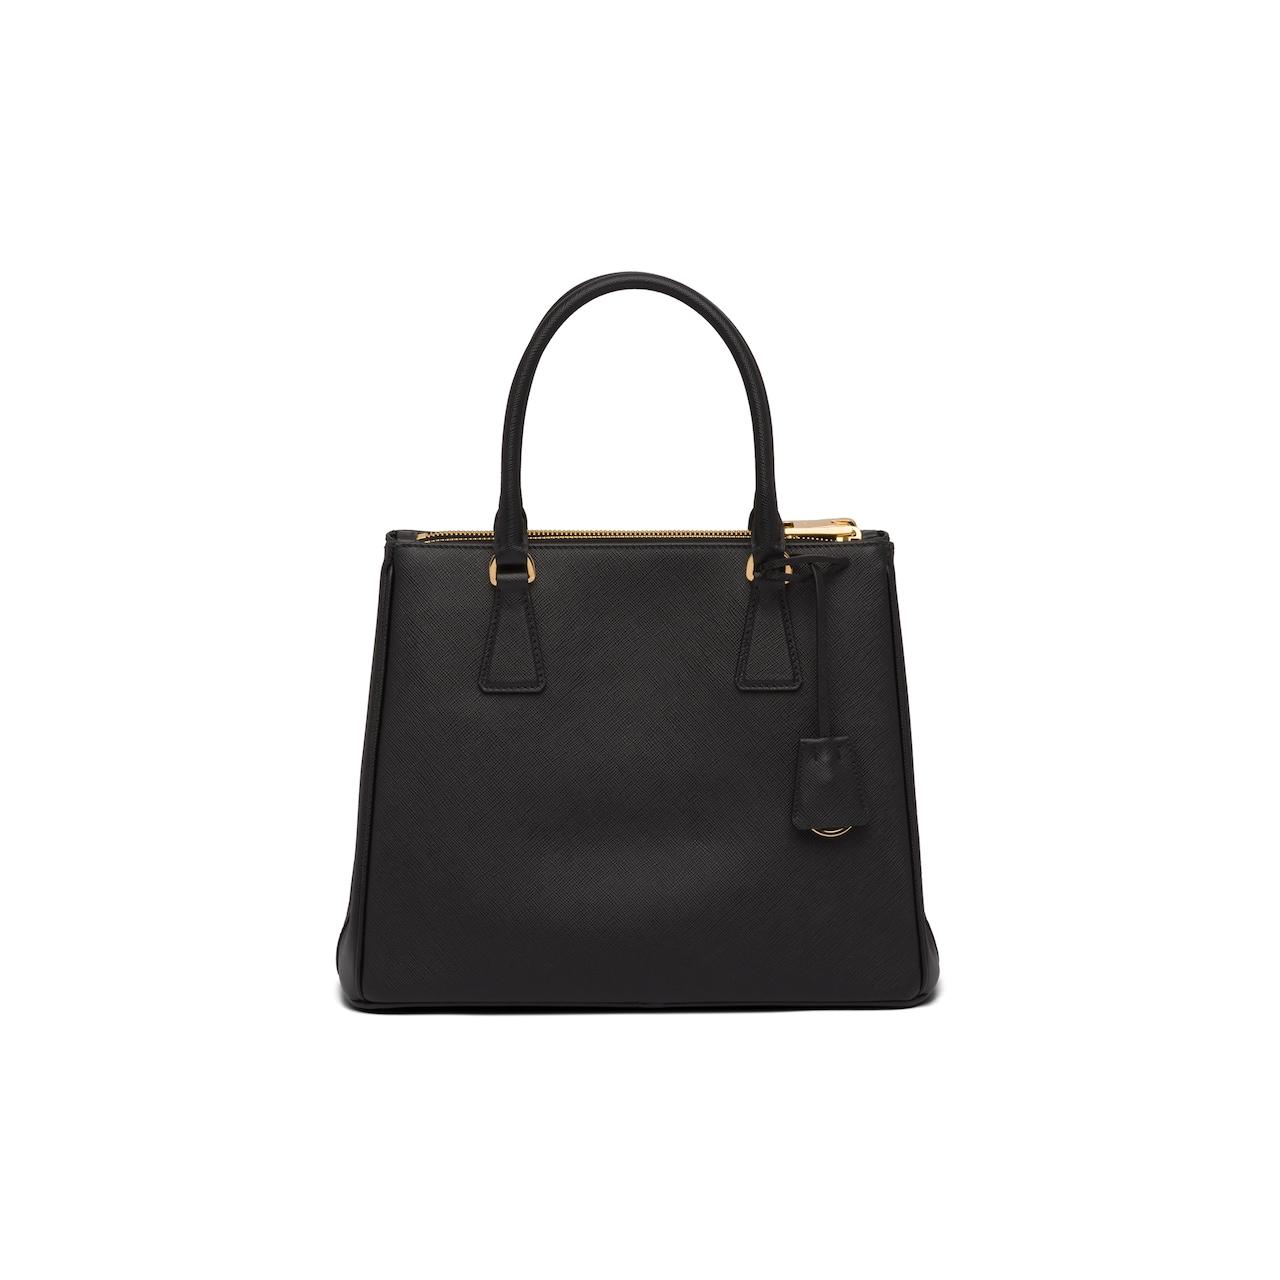 Prada Prada Galleria Saffiano leather bag 4